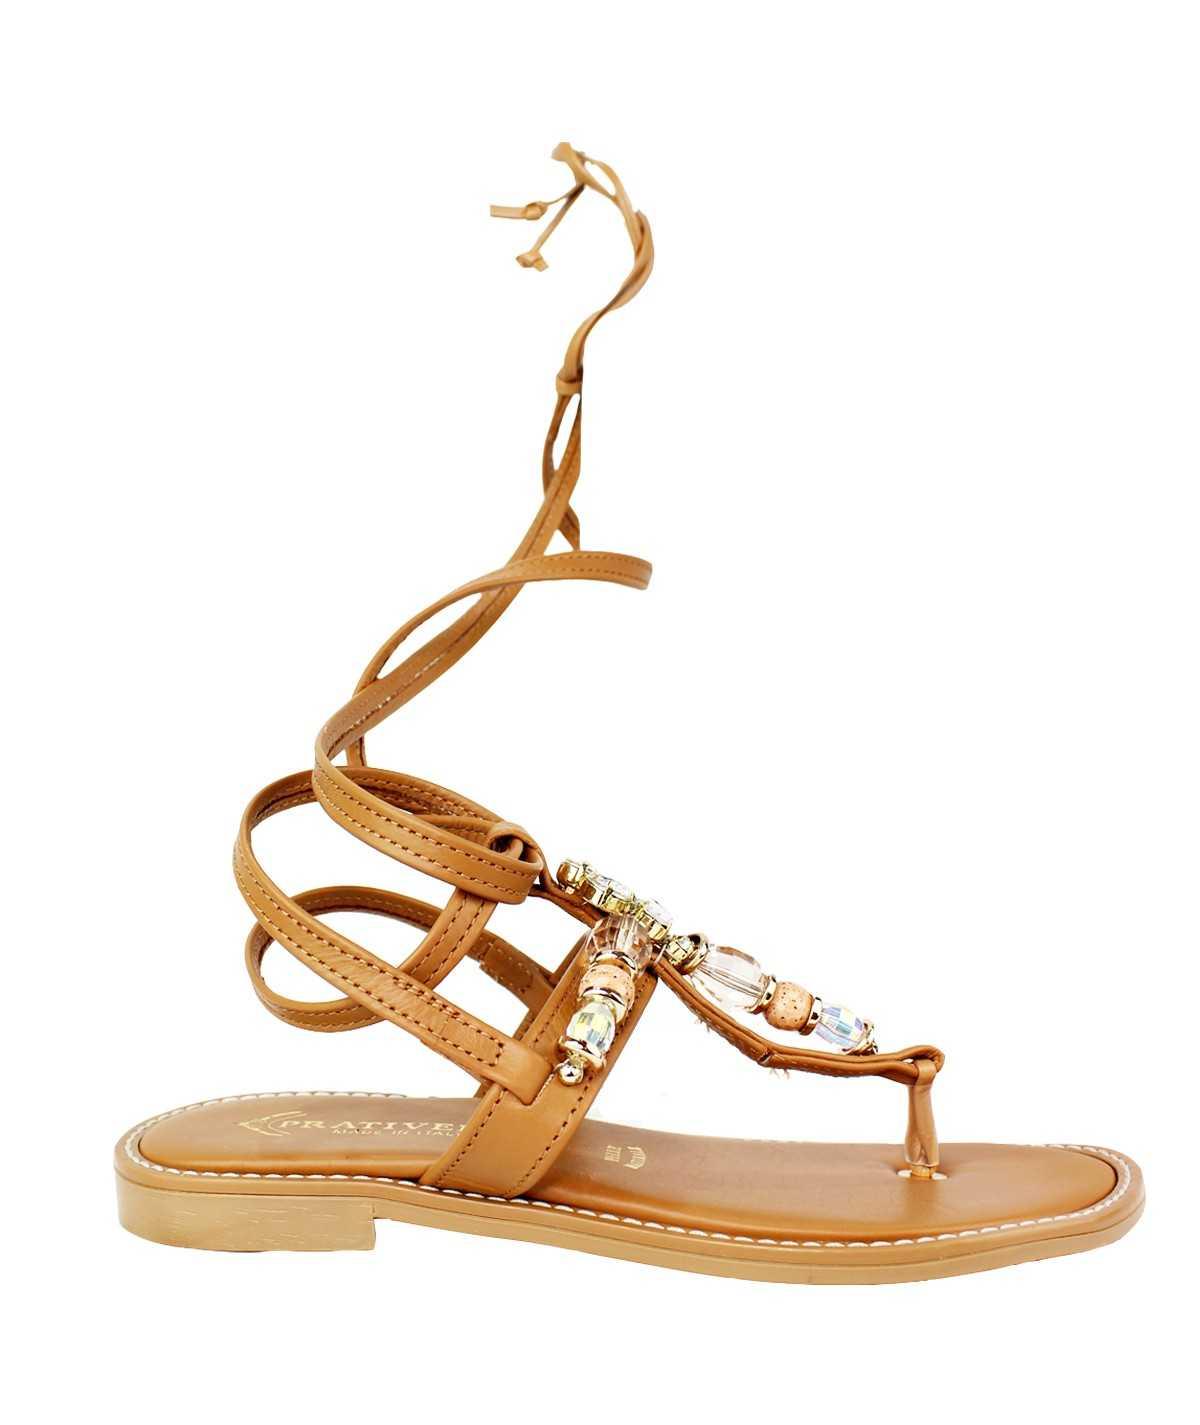 PRATIVERDI Sandalo gioiello...